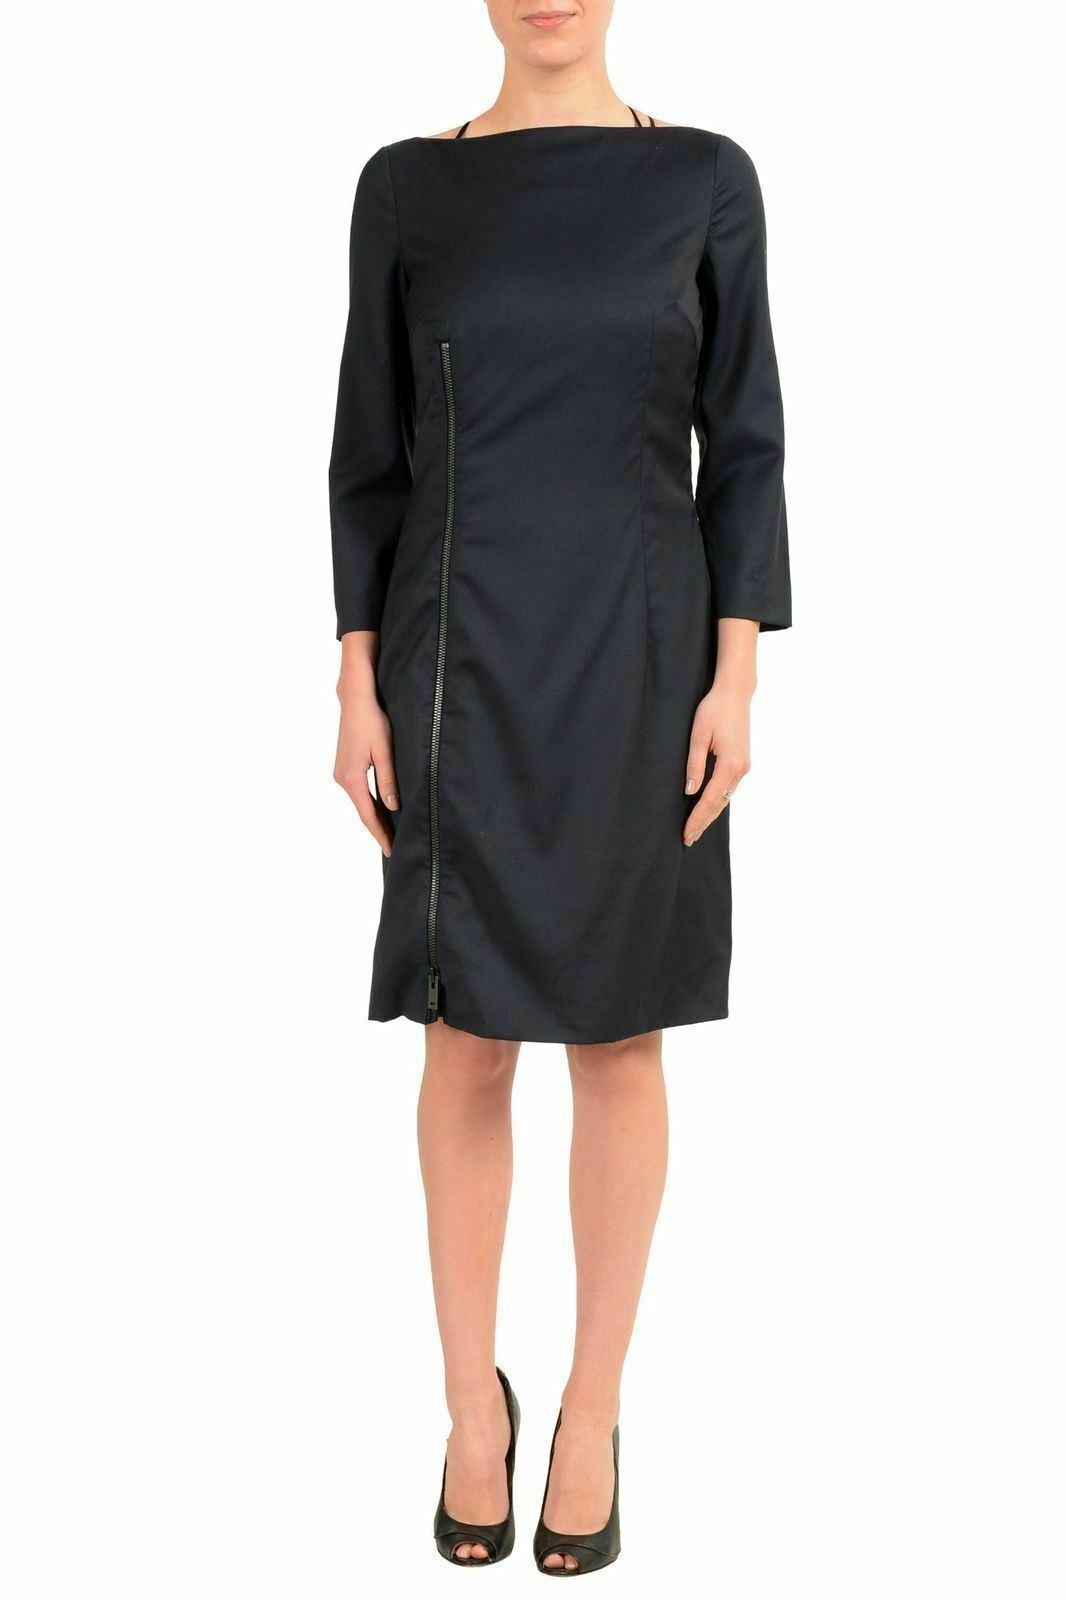 Maison Margiela 4 100% Wolle Schwarz 3 4 Damen Etuikleid S